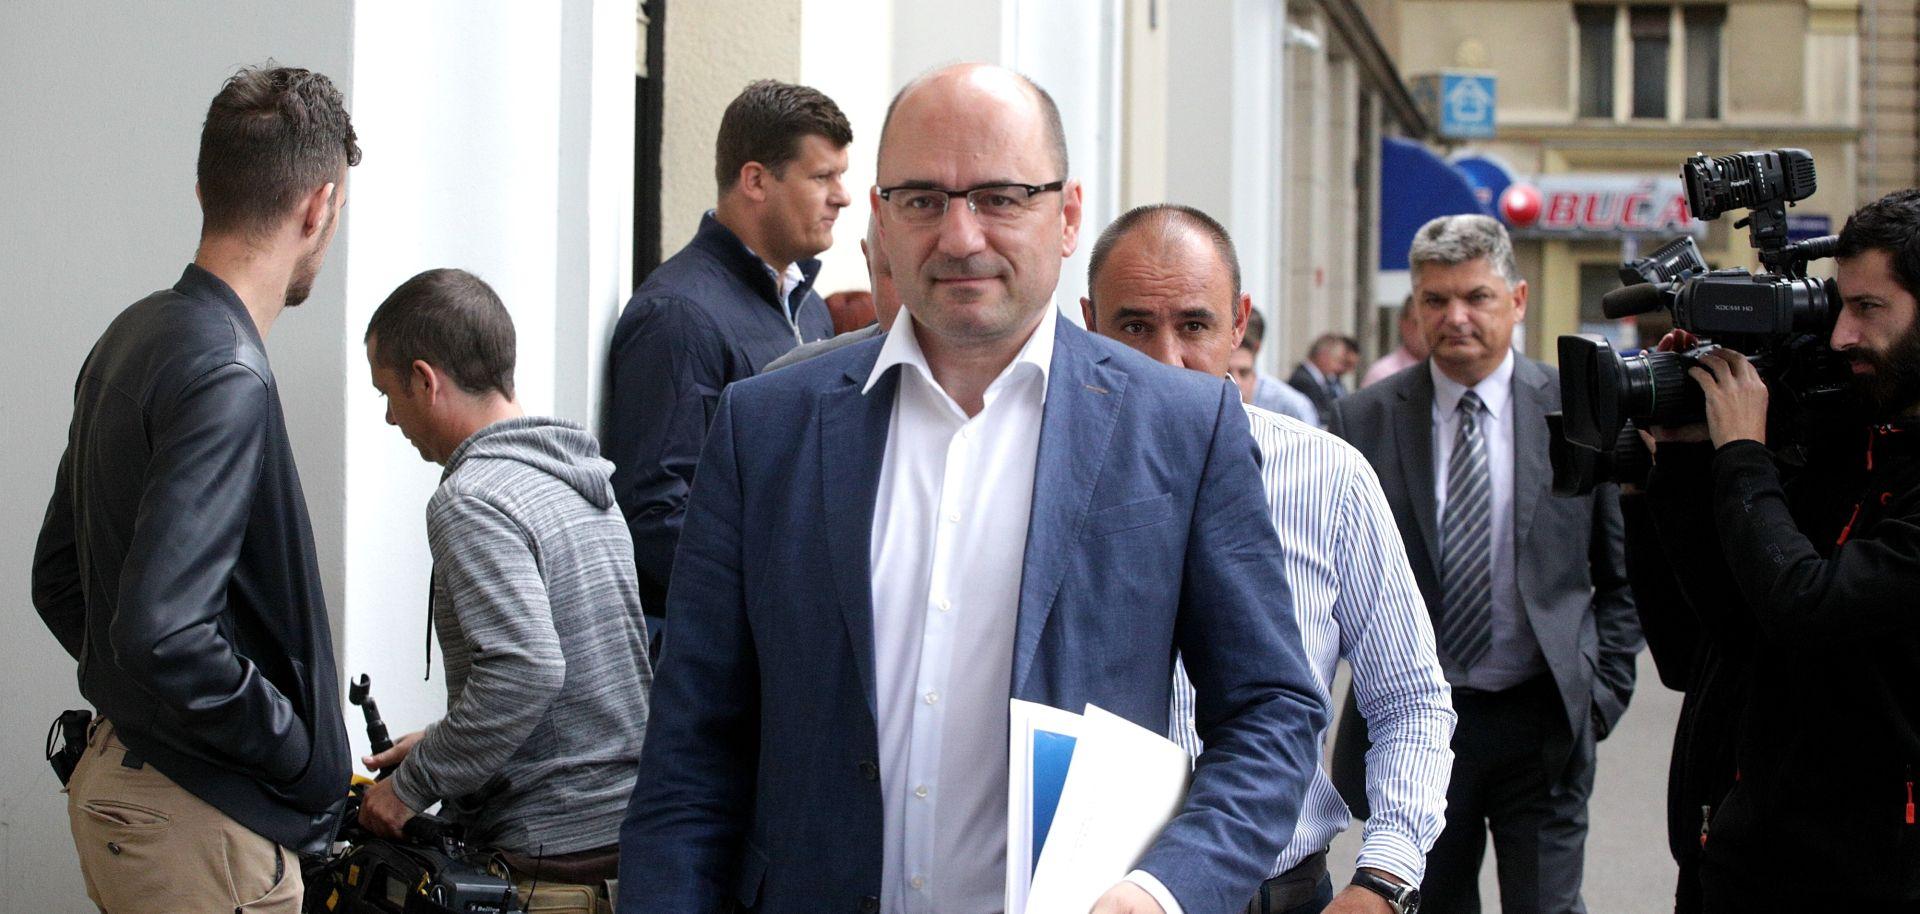 """MILIJAN BRKIĆ """"HDZ je pokazao da je najjača stranka i da će preuzeti upravljanje državom zajedno s partnerima"""""""